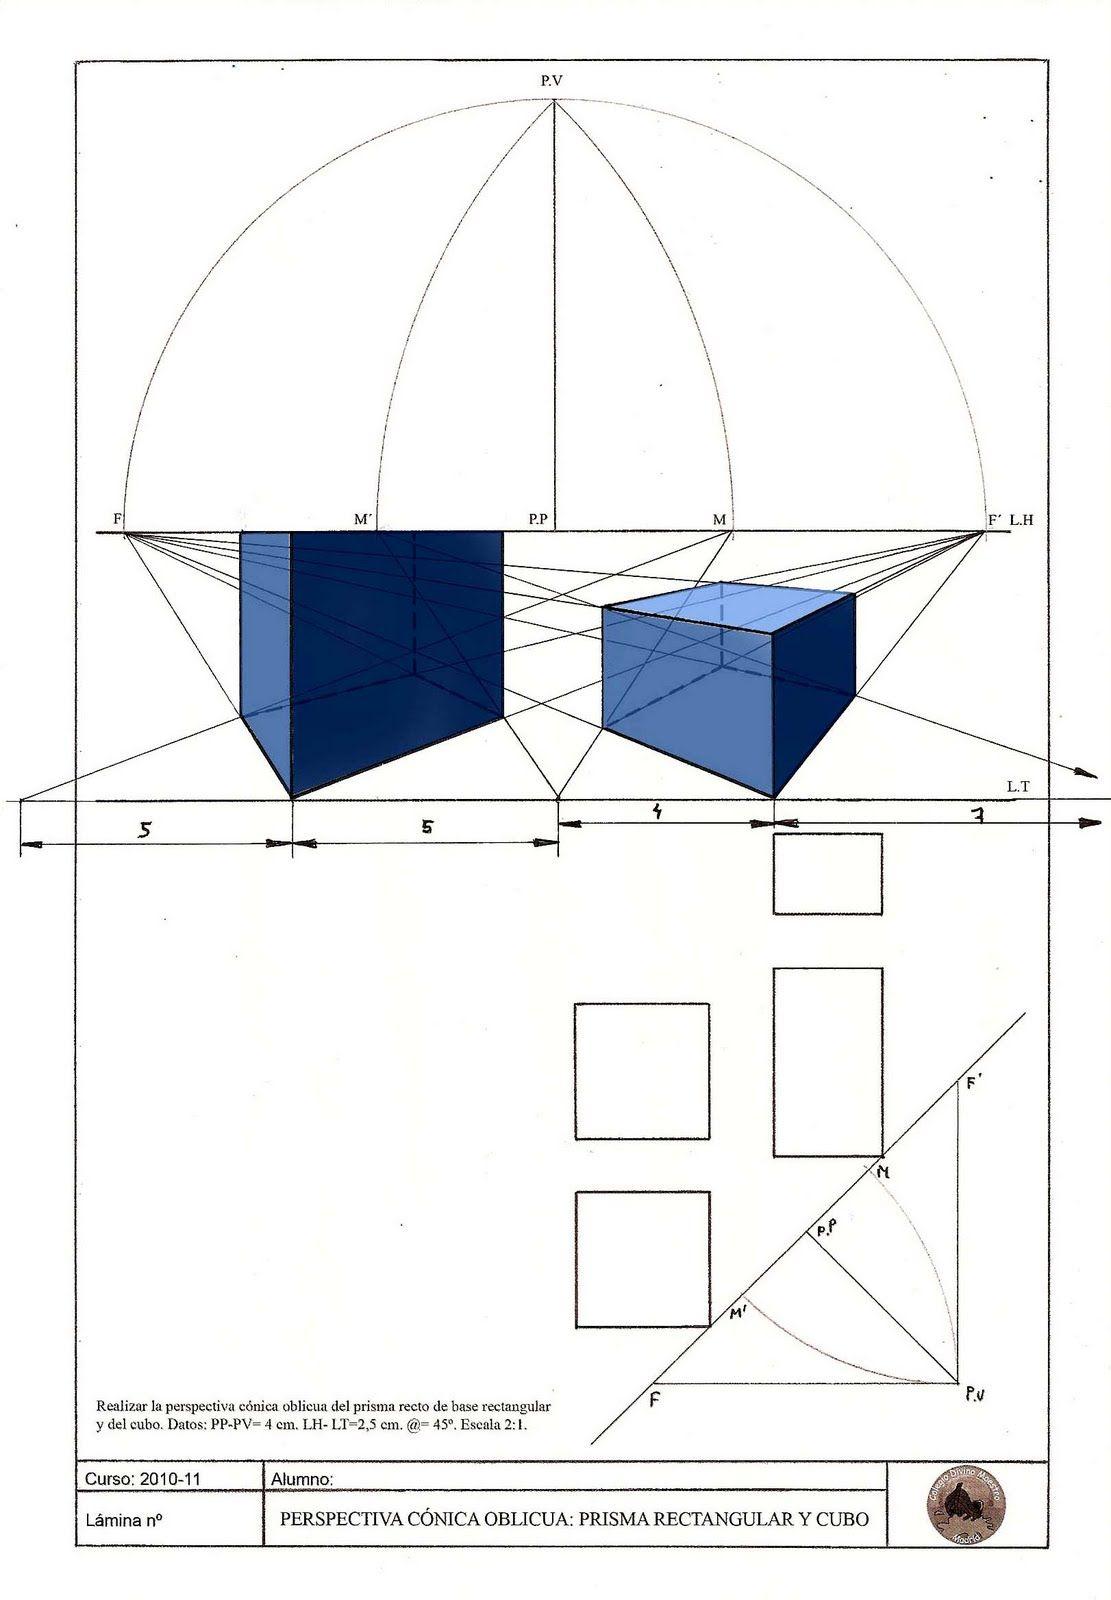 E Plastica Y Visual 3ºeso Lamina 27 Pespectiva Conica Oblicua Prisma Rectangular Y Cubo Como Dibujar En Perspectiva Dibujo Perspectiva Tecnicas De Dibujo